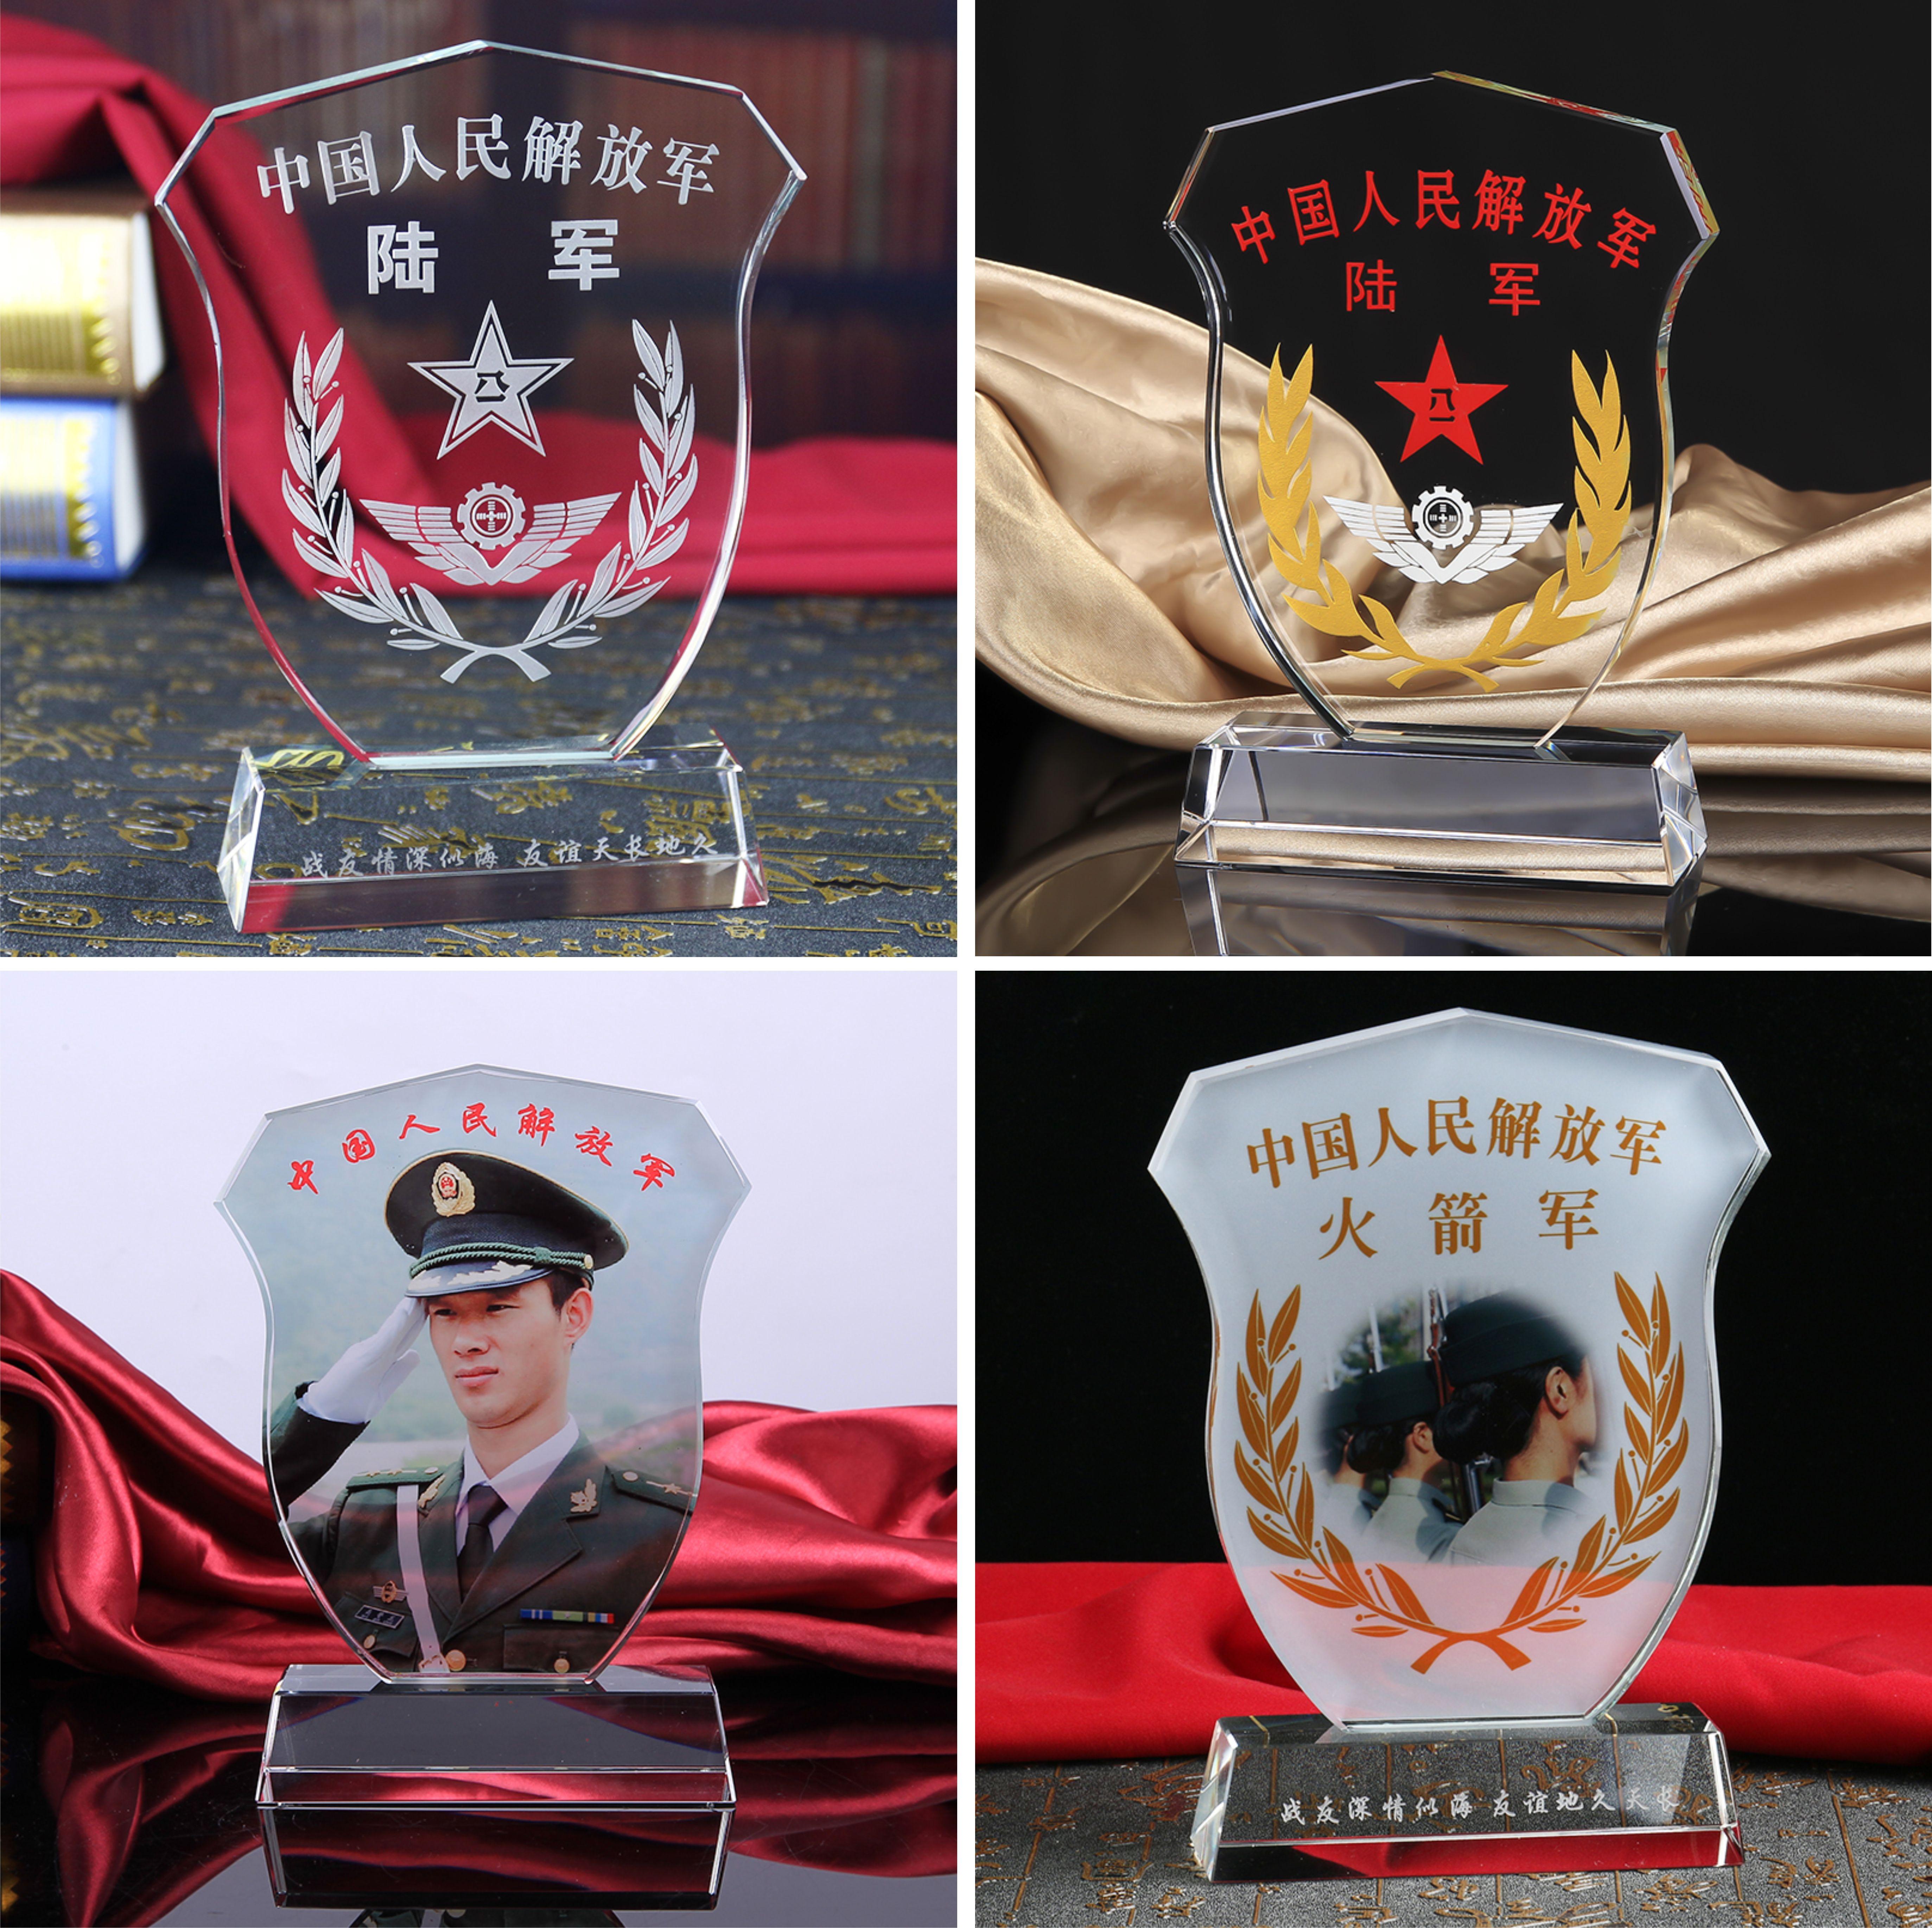 老兵の除隊記念水晶の額縁をカスタマイズして軍人記念品の戦友部隊を注文して軍人の贈り物の集まりの記念を送ります。